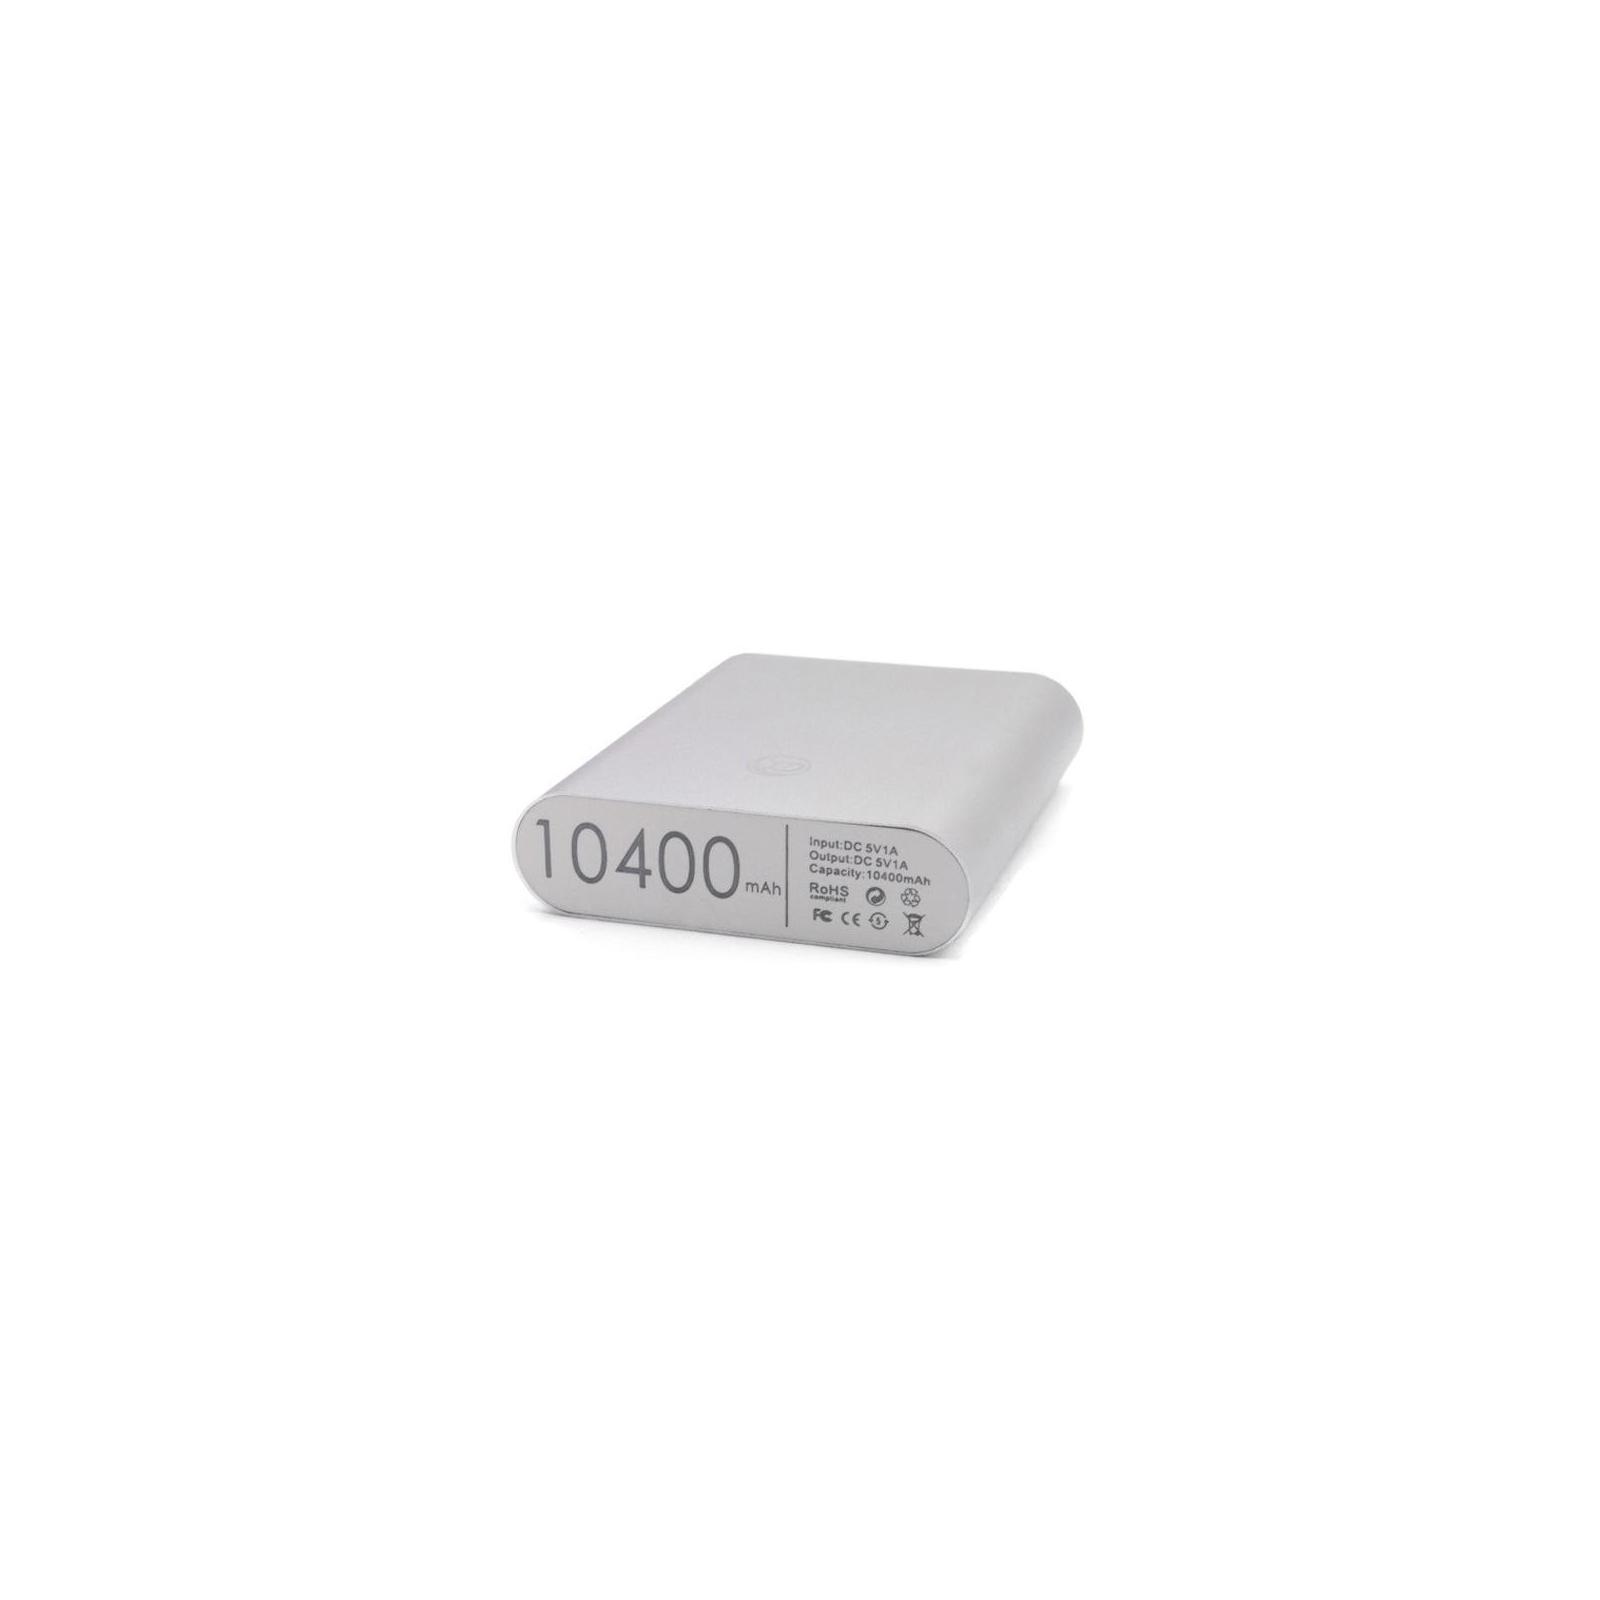 Батарея универсальная EXTRADIGITAL ED-86 Silver 10400 mAh 1*USB 5V/1.0A (PBU3424) изображение 6